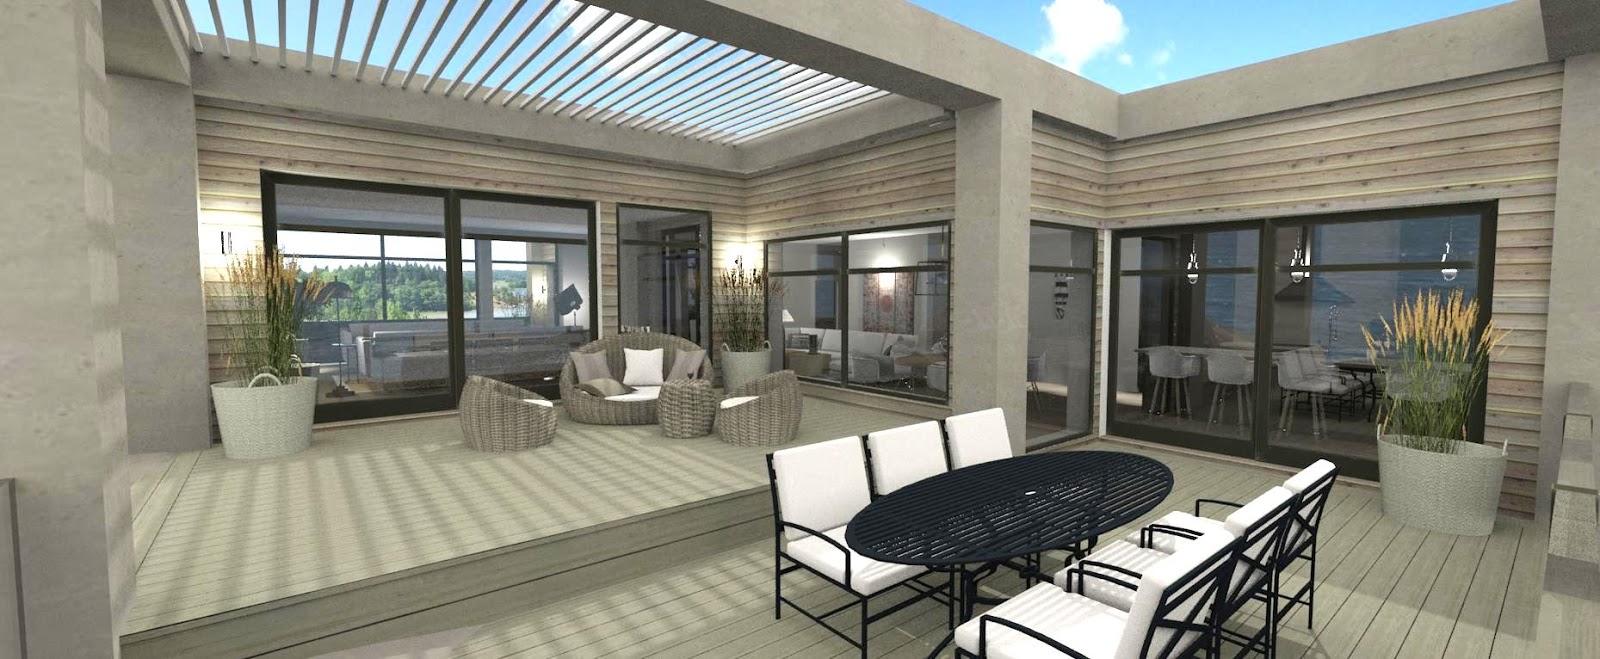 Dreams & coffees arkitekt  och projektblogg: ett modernt hus med ...